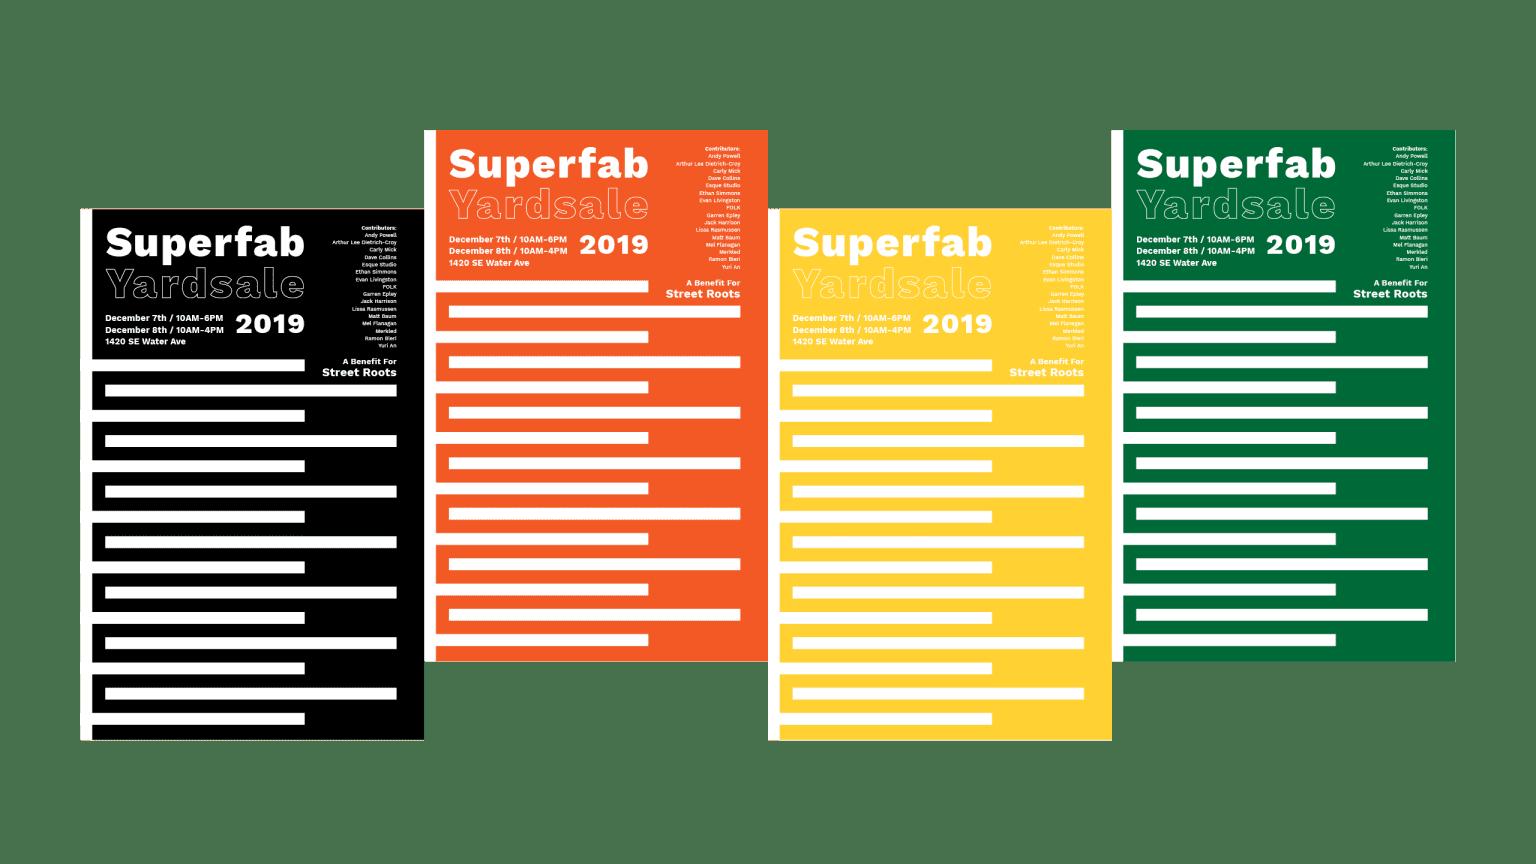 Superfab